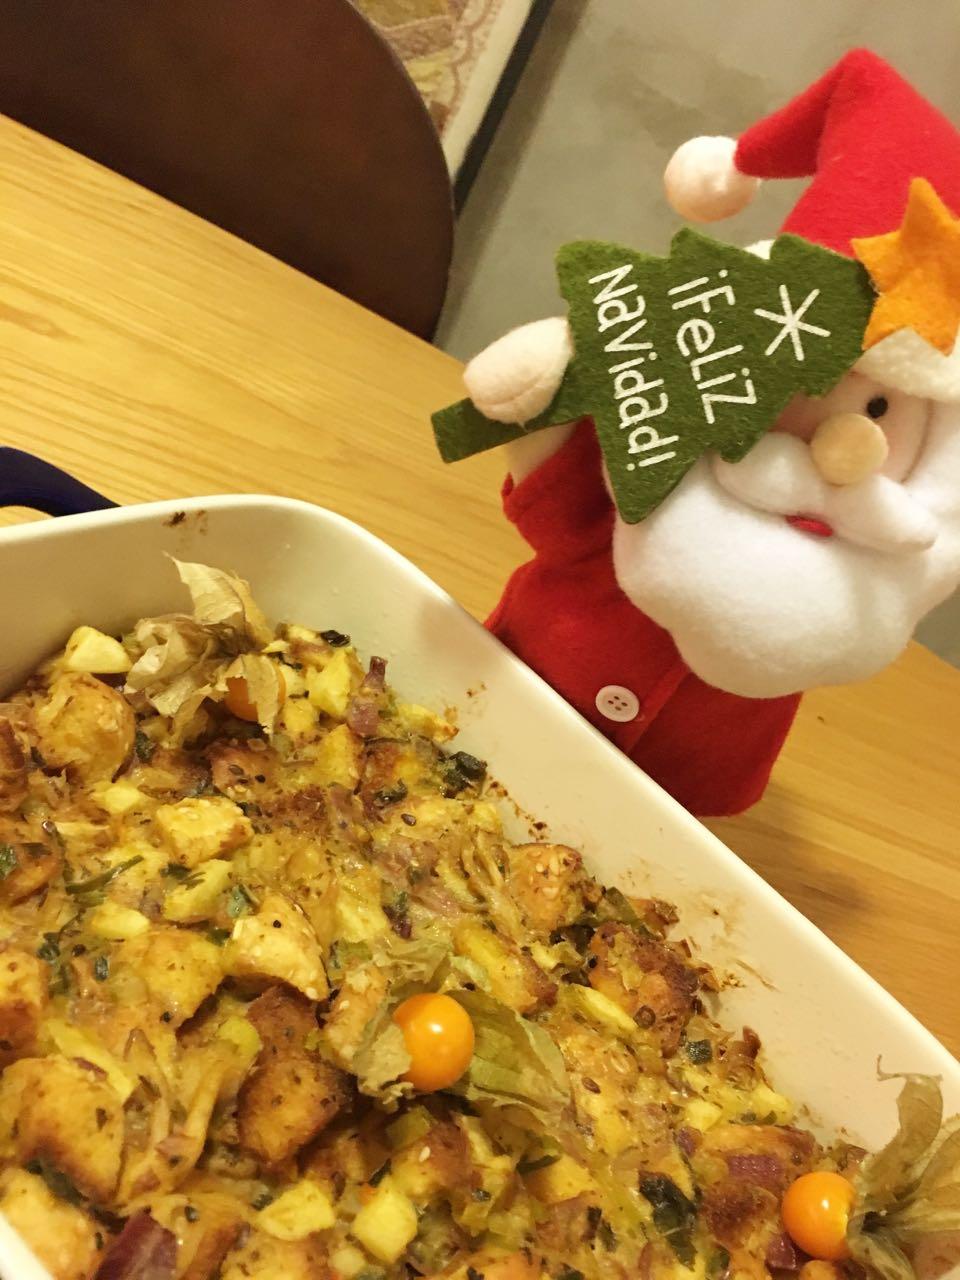 Stuffing de maçã com alho-poró e sálvia